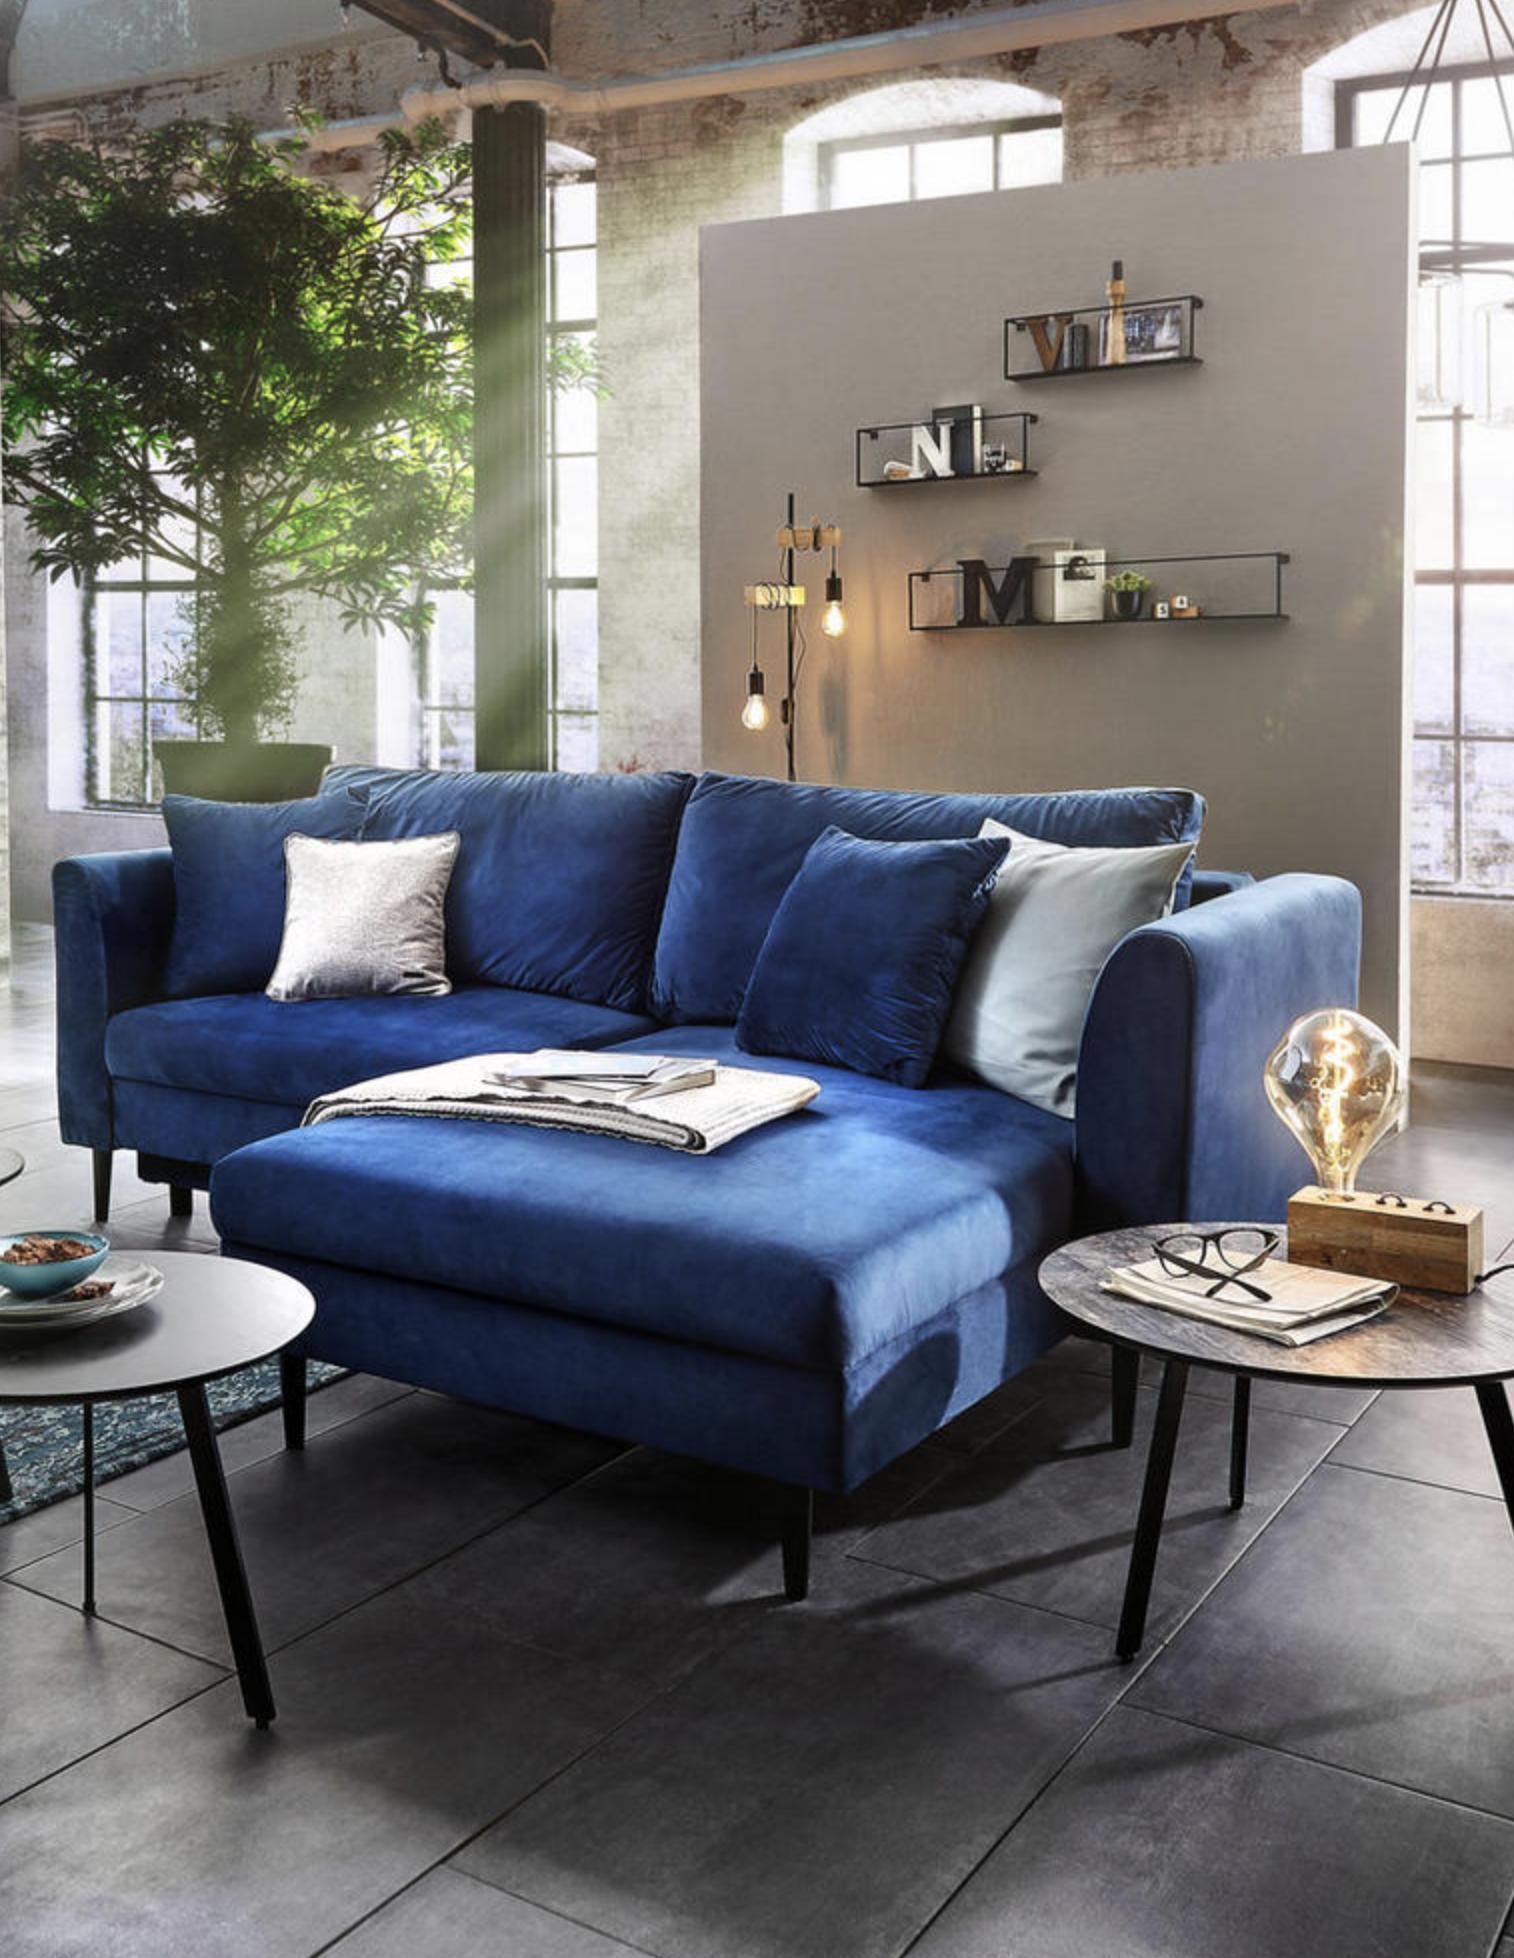 Wohnlandschaft In Textil Blau Wohnzimmer In 2019 Wohnen Haus